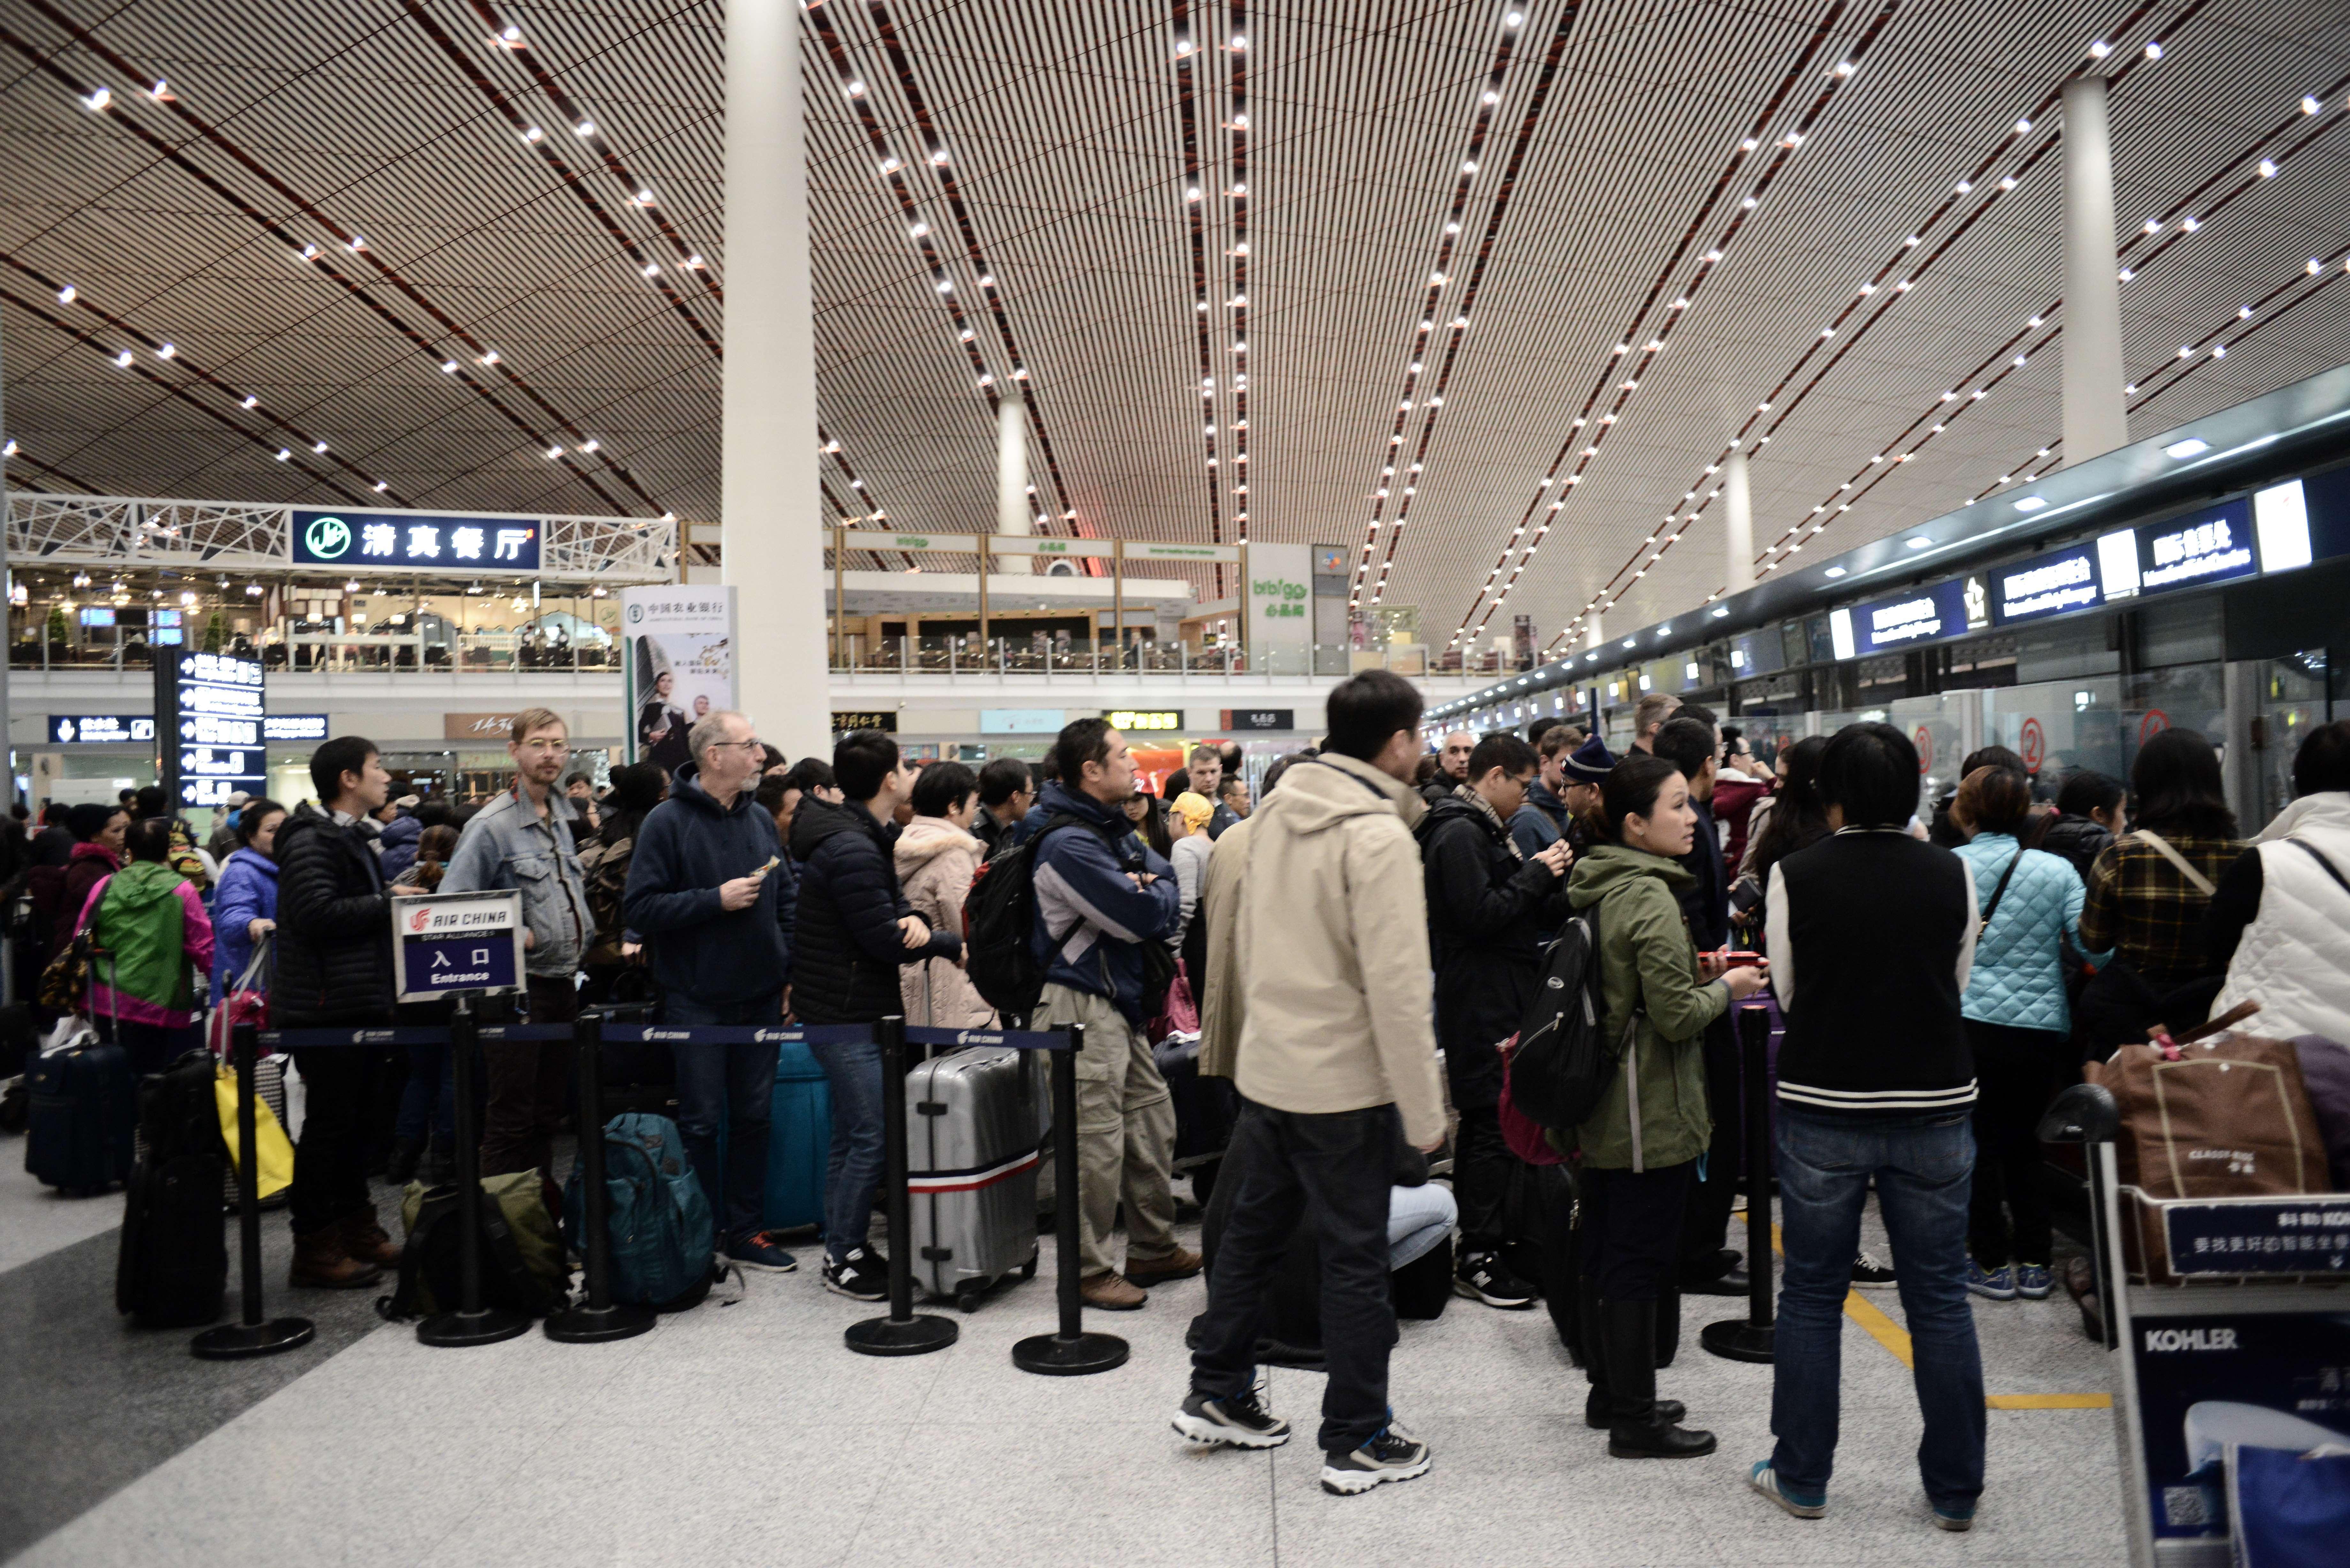 beijing airport passengers